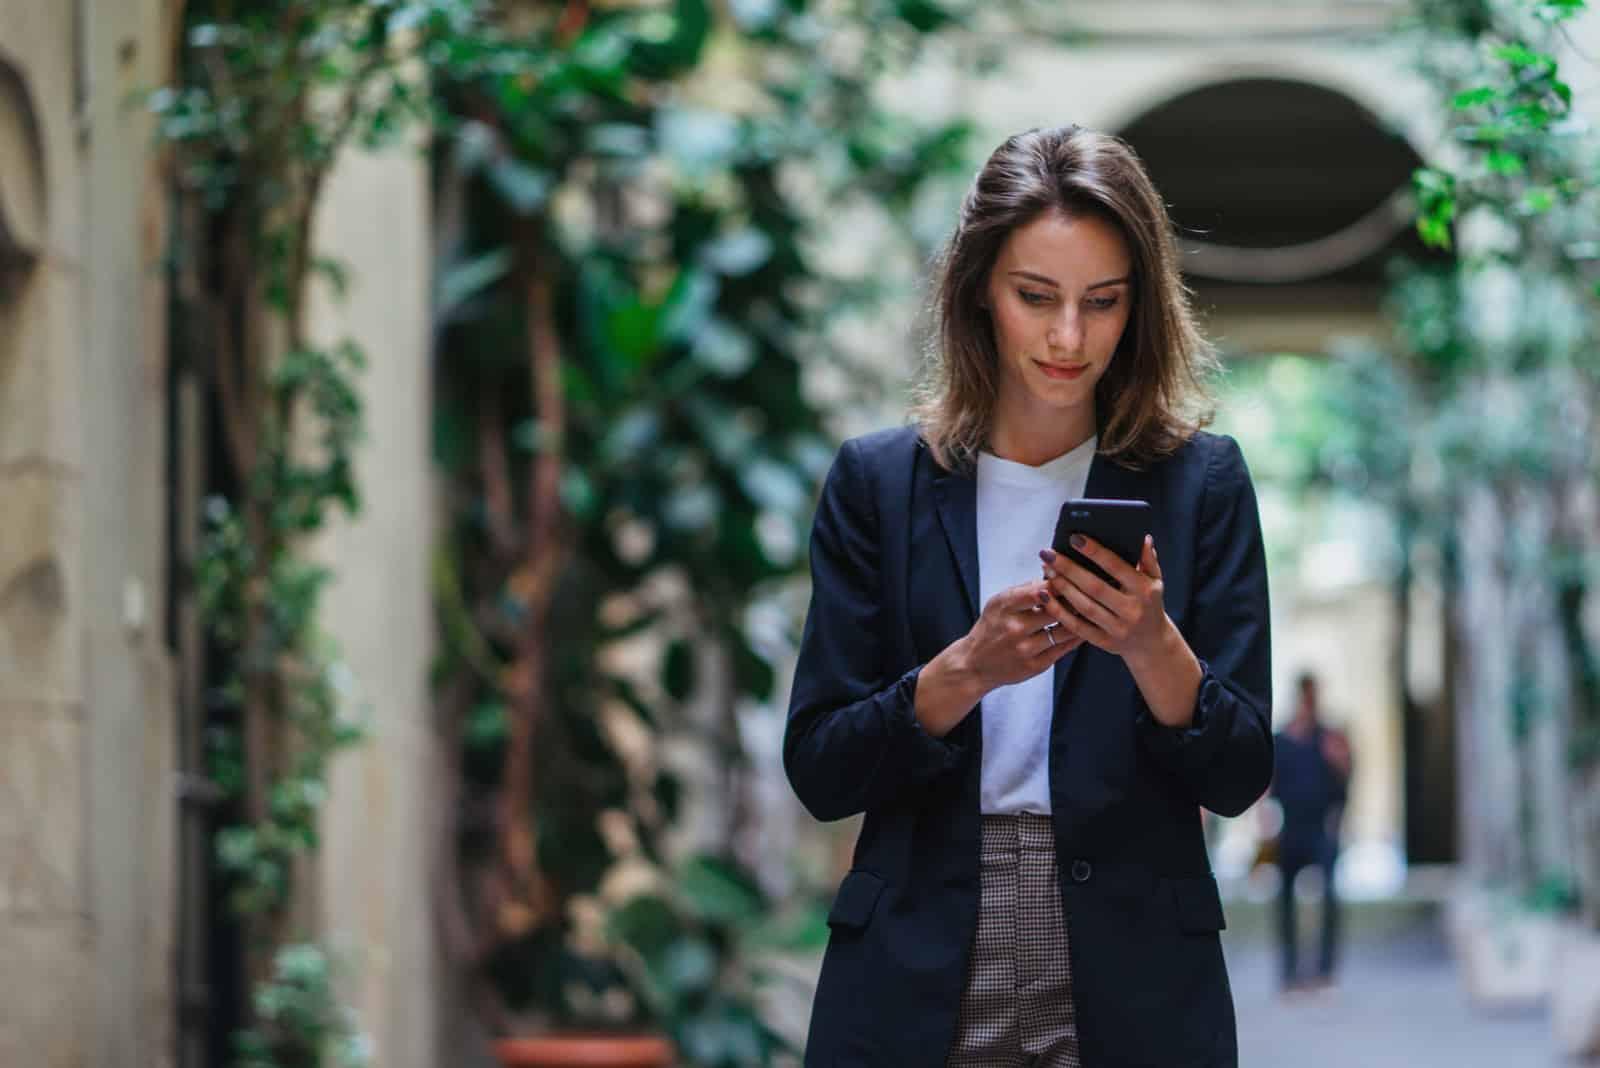 femme debout et bouton au téléphone